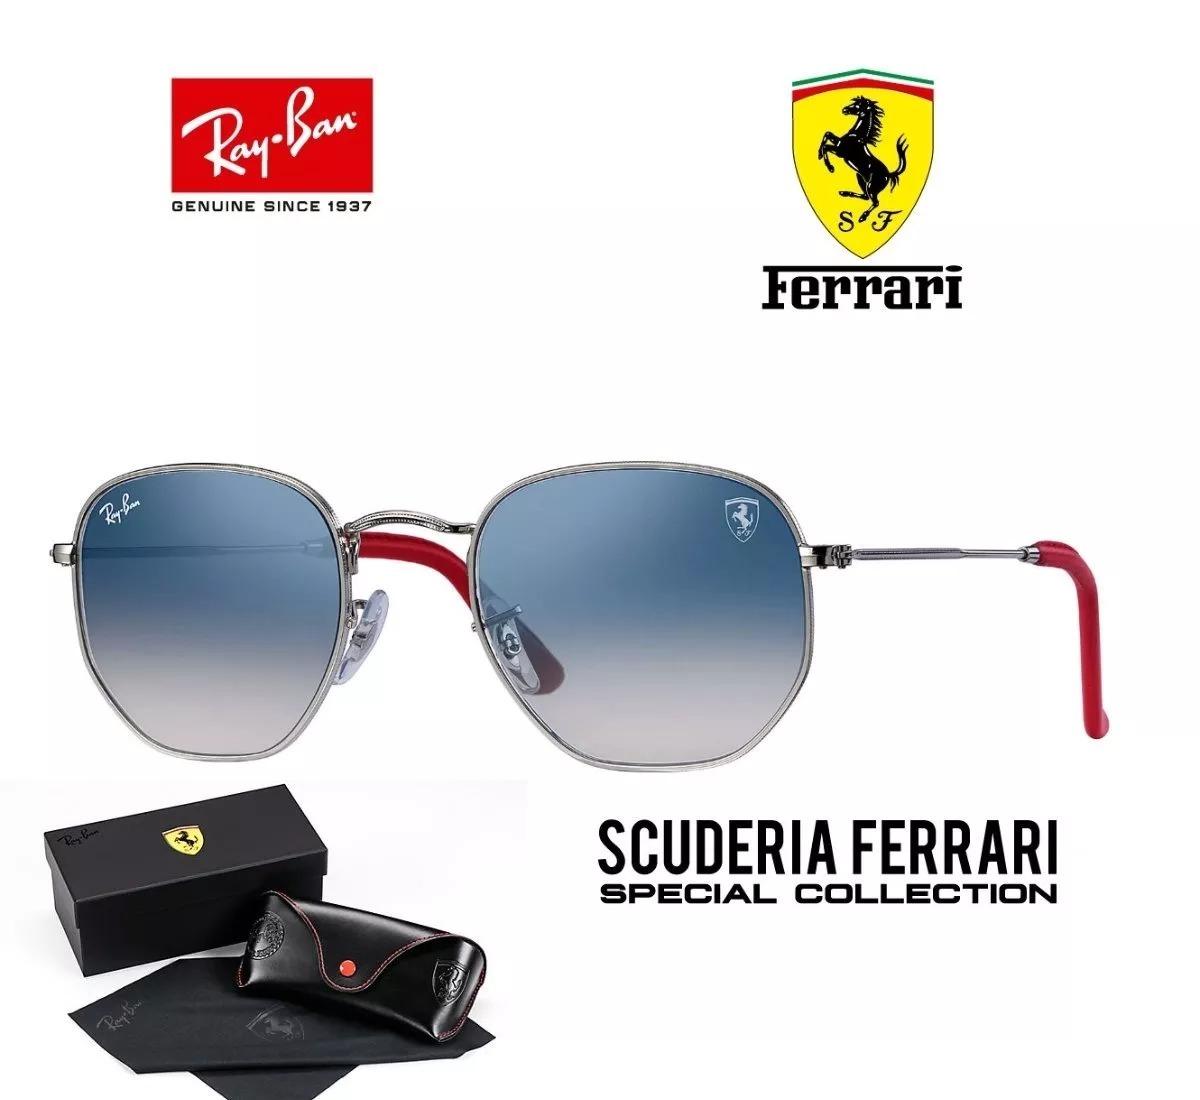 Ray Ban Hexagonal Rb3548 Ferrari Original Promoção!! - R  399,90 em ... 720a2f2d57